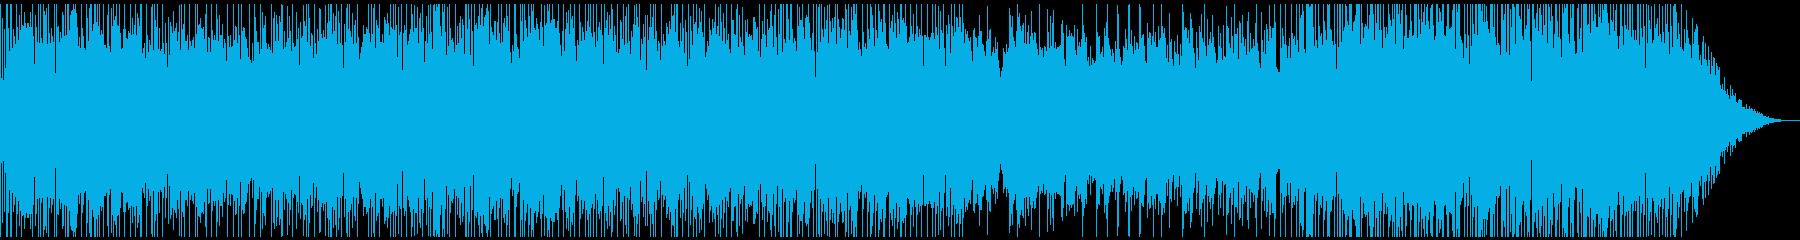 ピアノトリオの軽快なポップの再生済みの波形